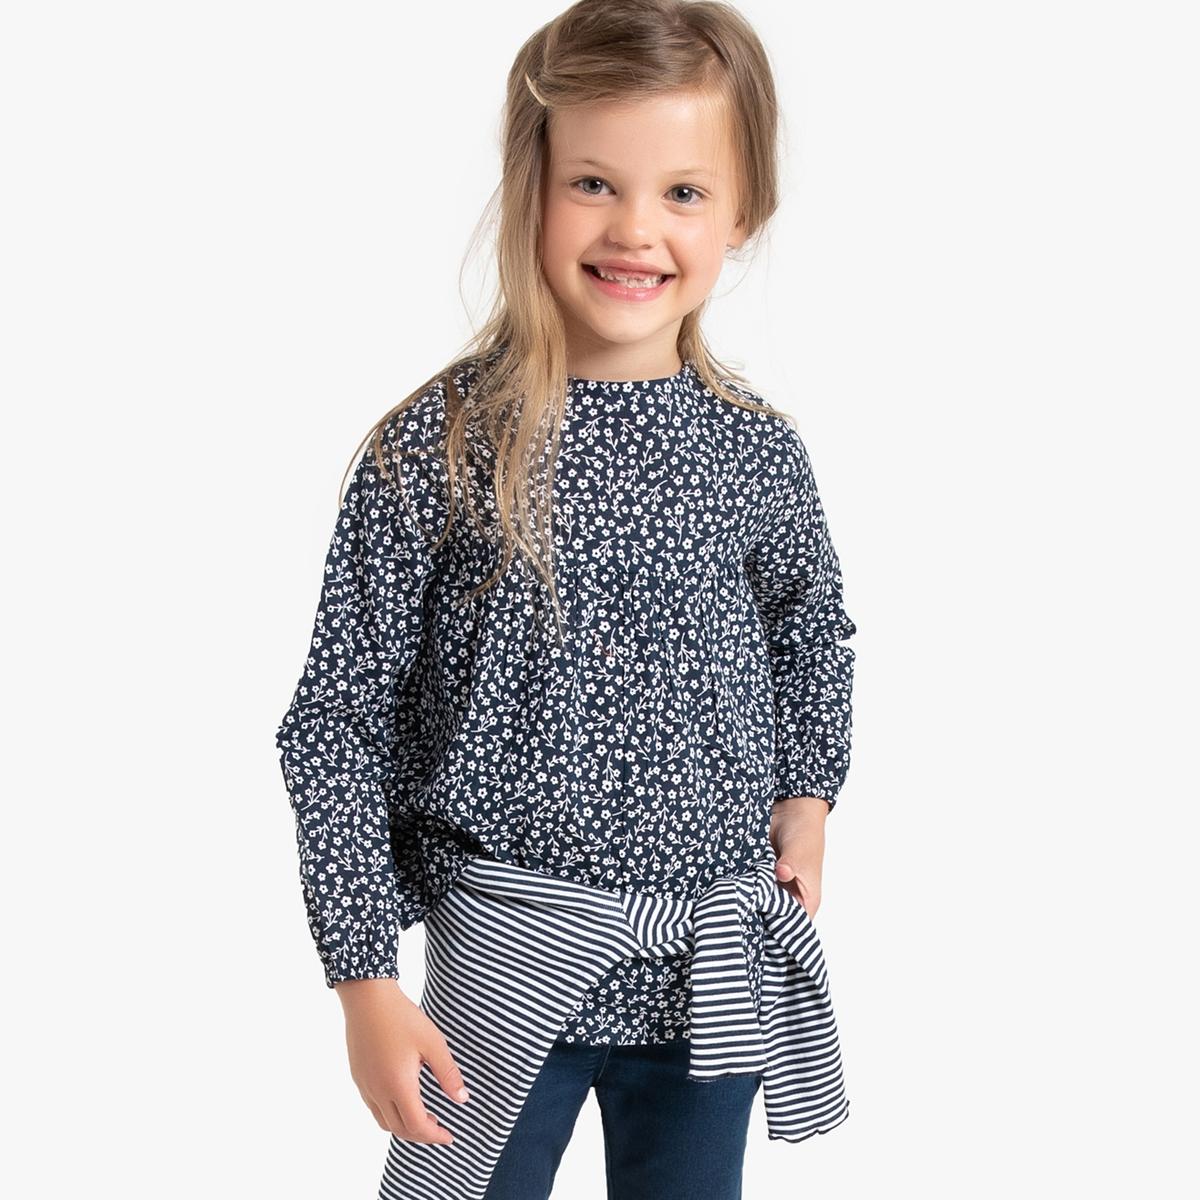 Блузка La Redoute С длинными рукавами и рисунком 12 лет -150 см другие блузка la redoute в полоску с длинными рукавами 12 лет 150 см другие